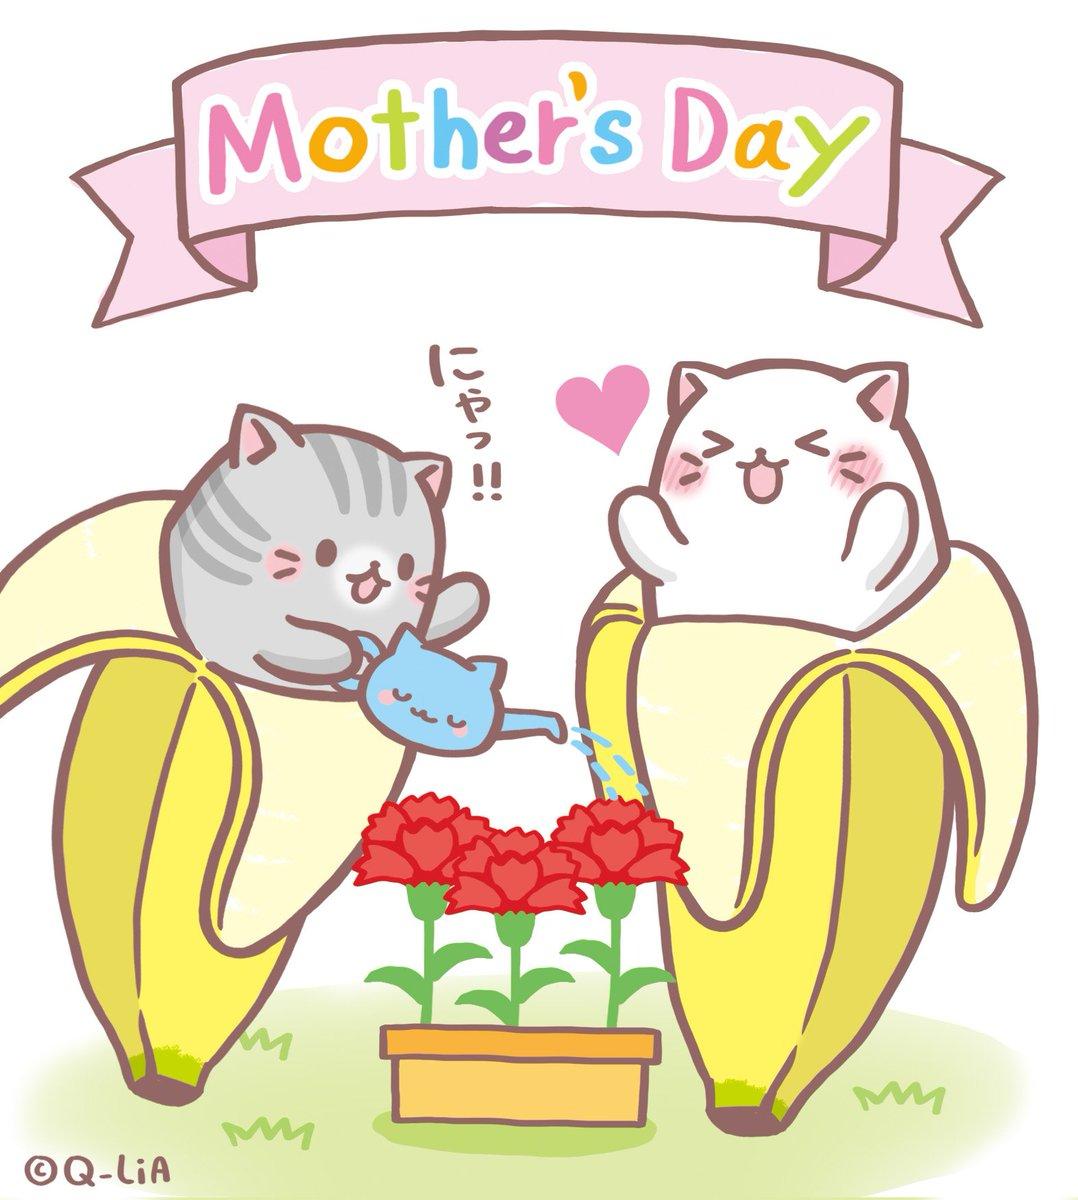 今日は #母の日  にゃ! ばなにゃ達が育てていたカーネーションに花が咲いたよ!! 全国のお母さん方へプレゼントしたいみ